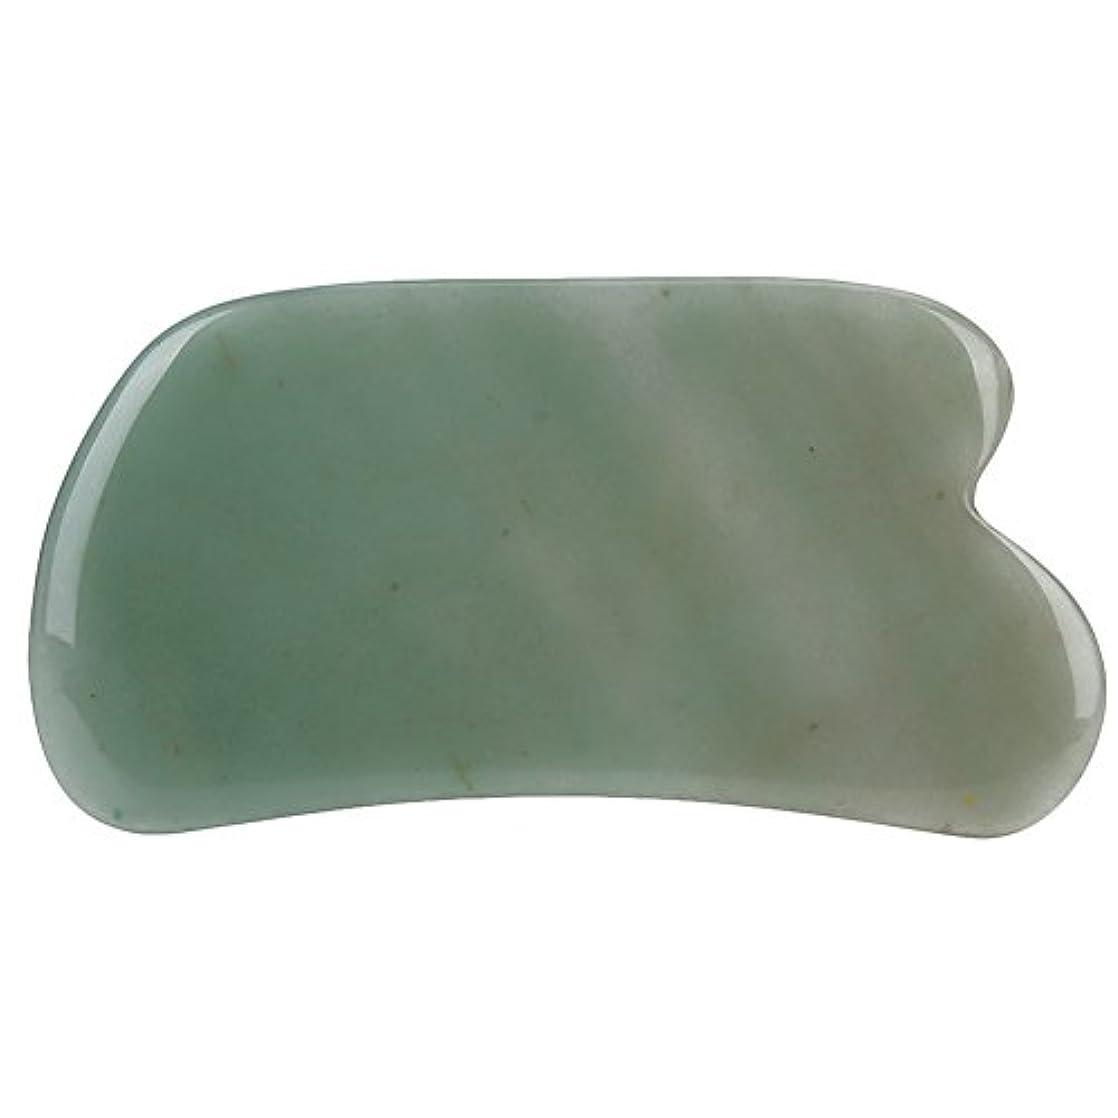 先に眠っている価格TerGOOSE かっさプレート ローズクォーツ 天然石 かっさマッサージ 美顔 顔・ボディのリンパマッサージ カッサマッサージ道具